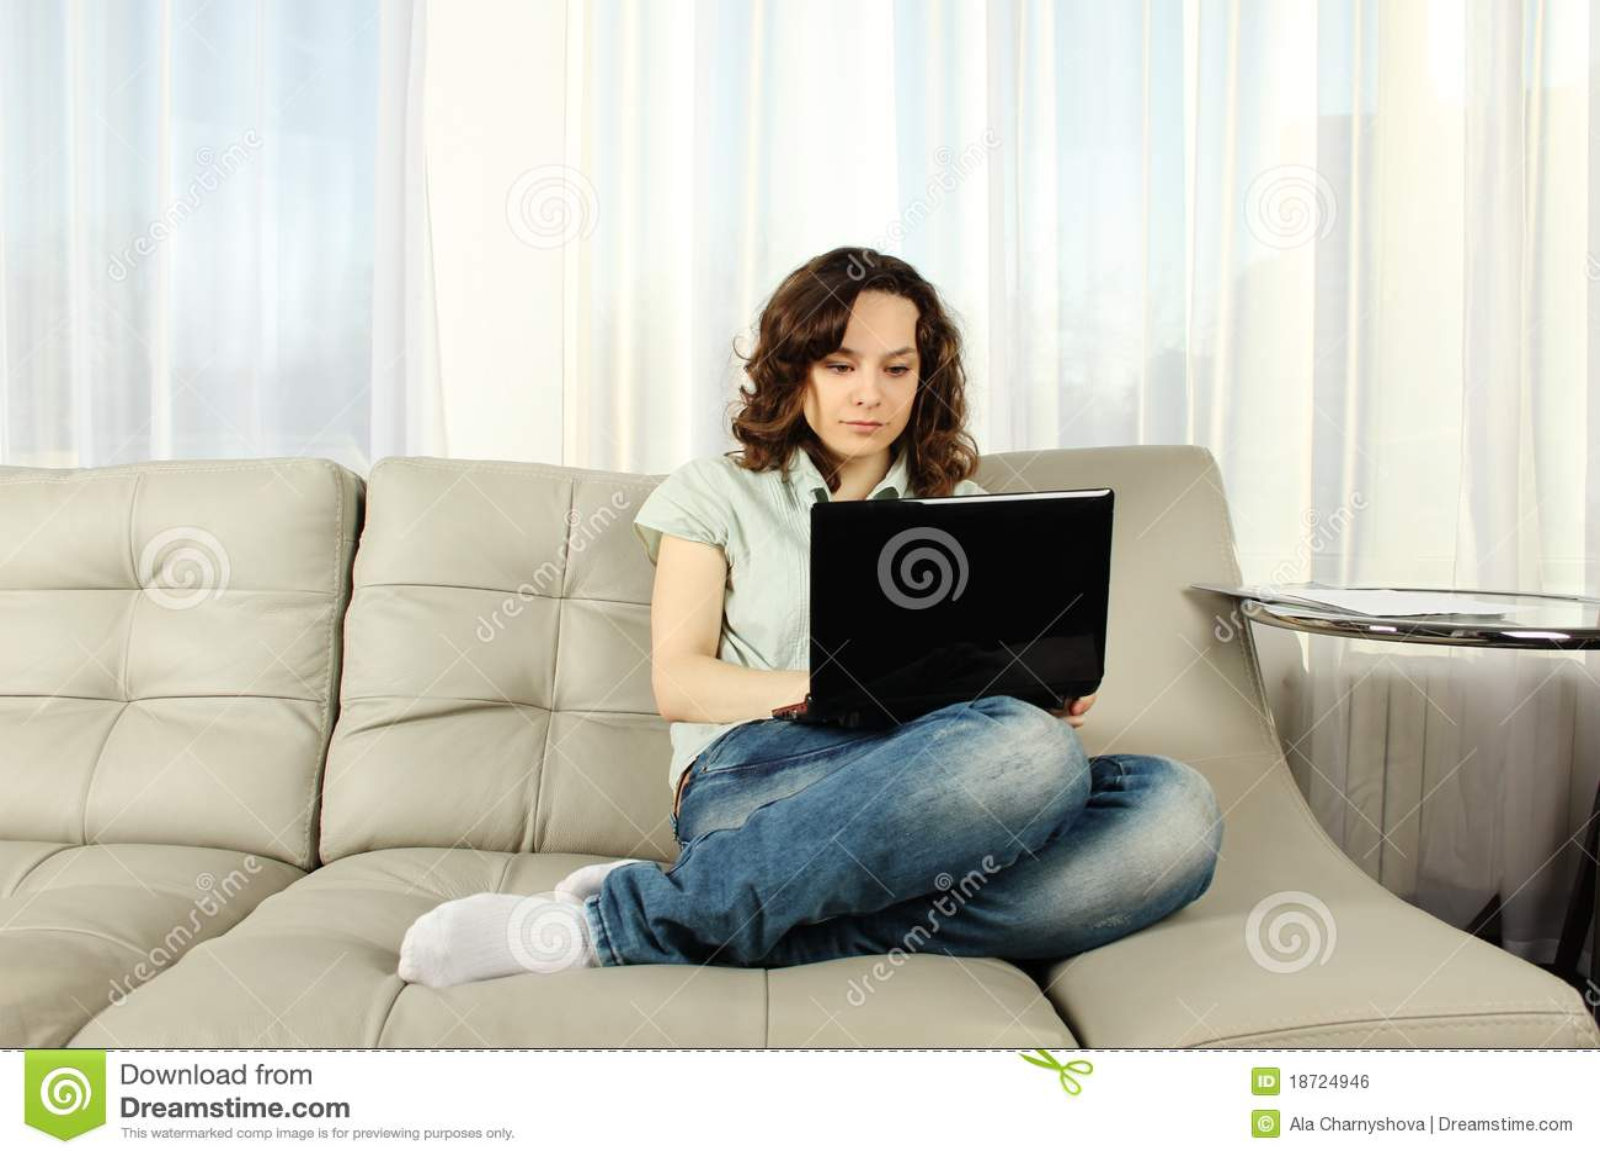 Сидя дома на диване для взрослых 10 фотография